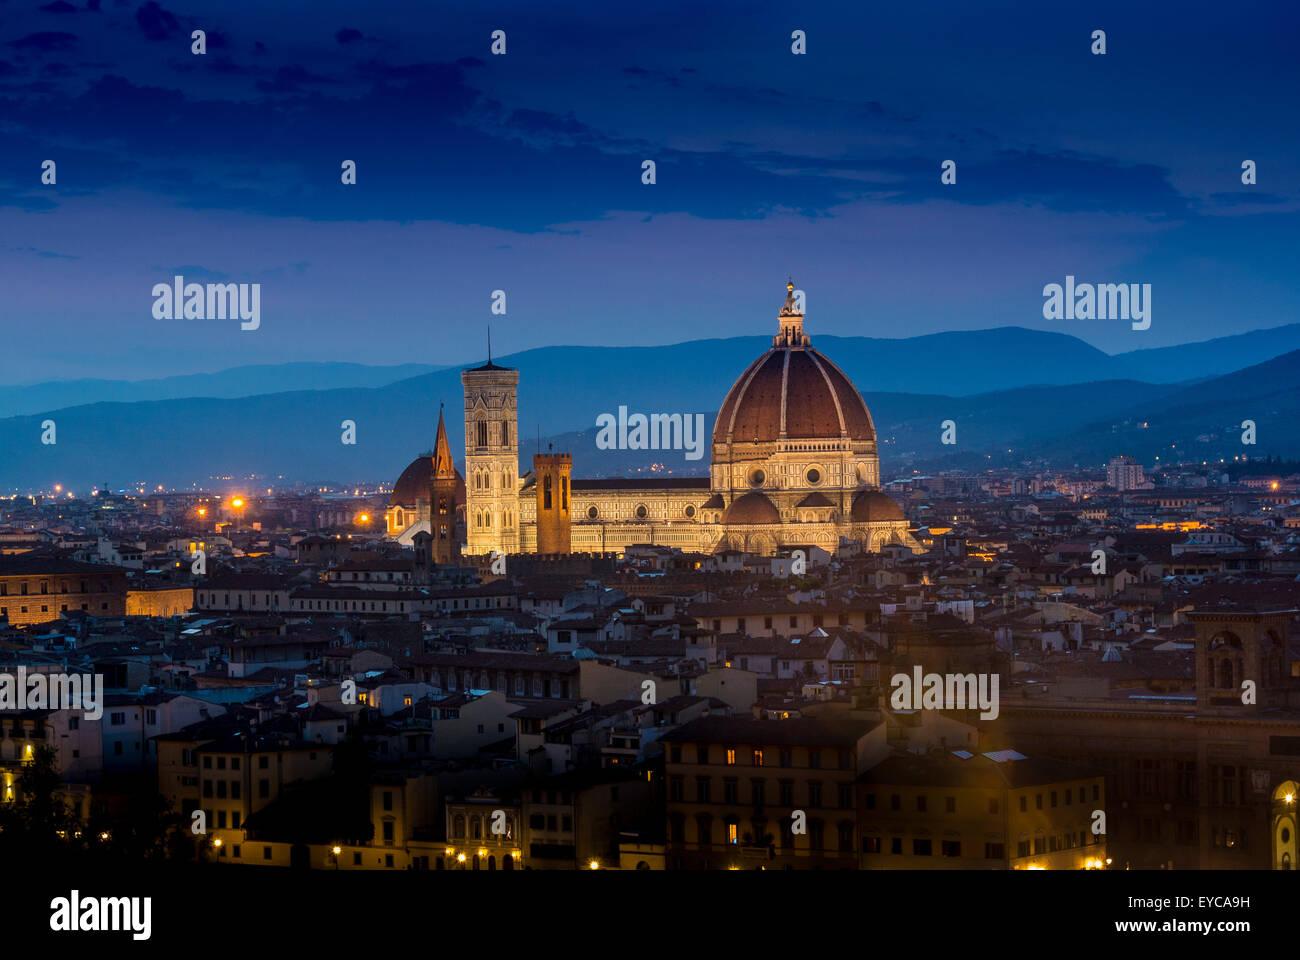 Kathedrale von Florenz in der Nacht. Florenz, Italien. Stockbild